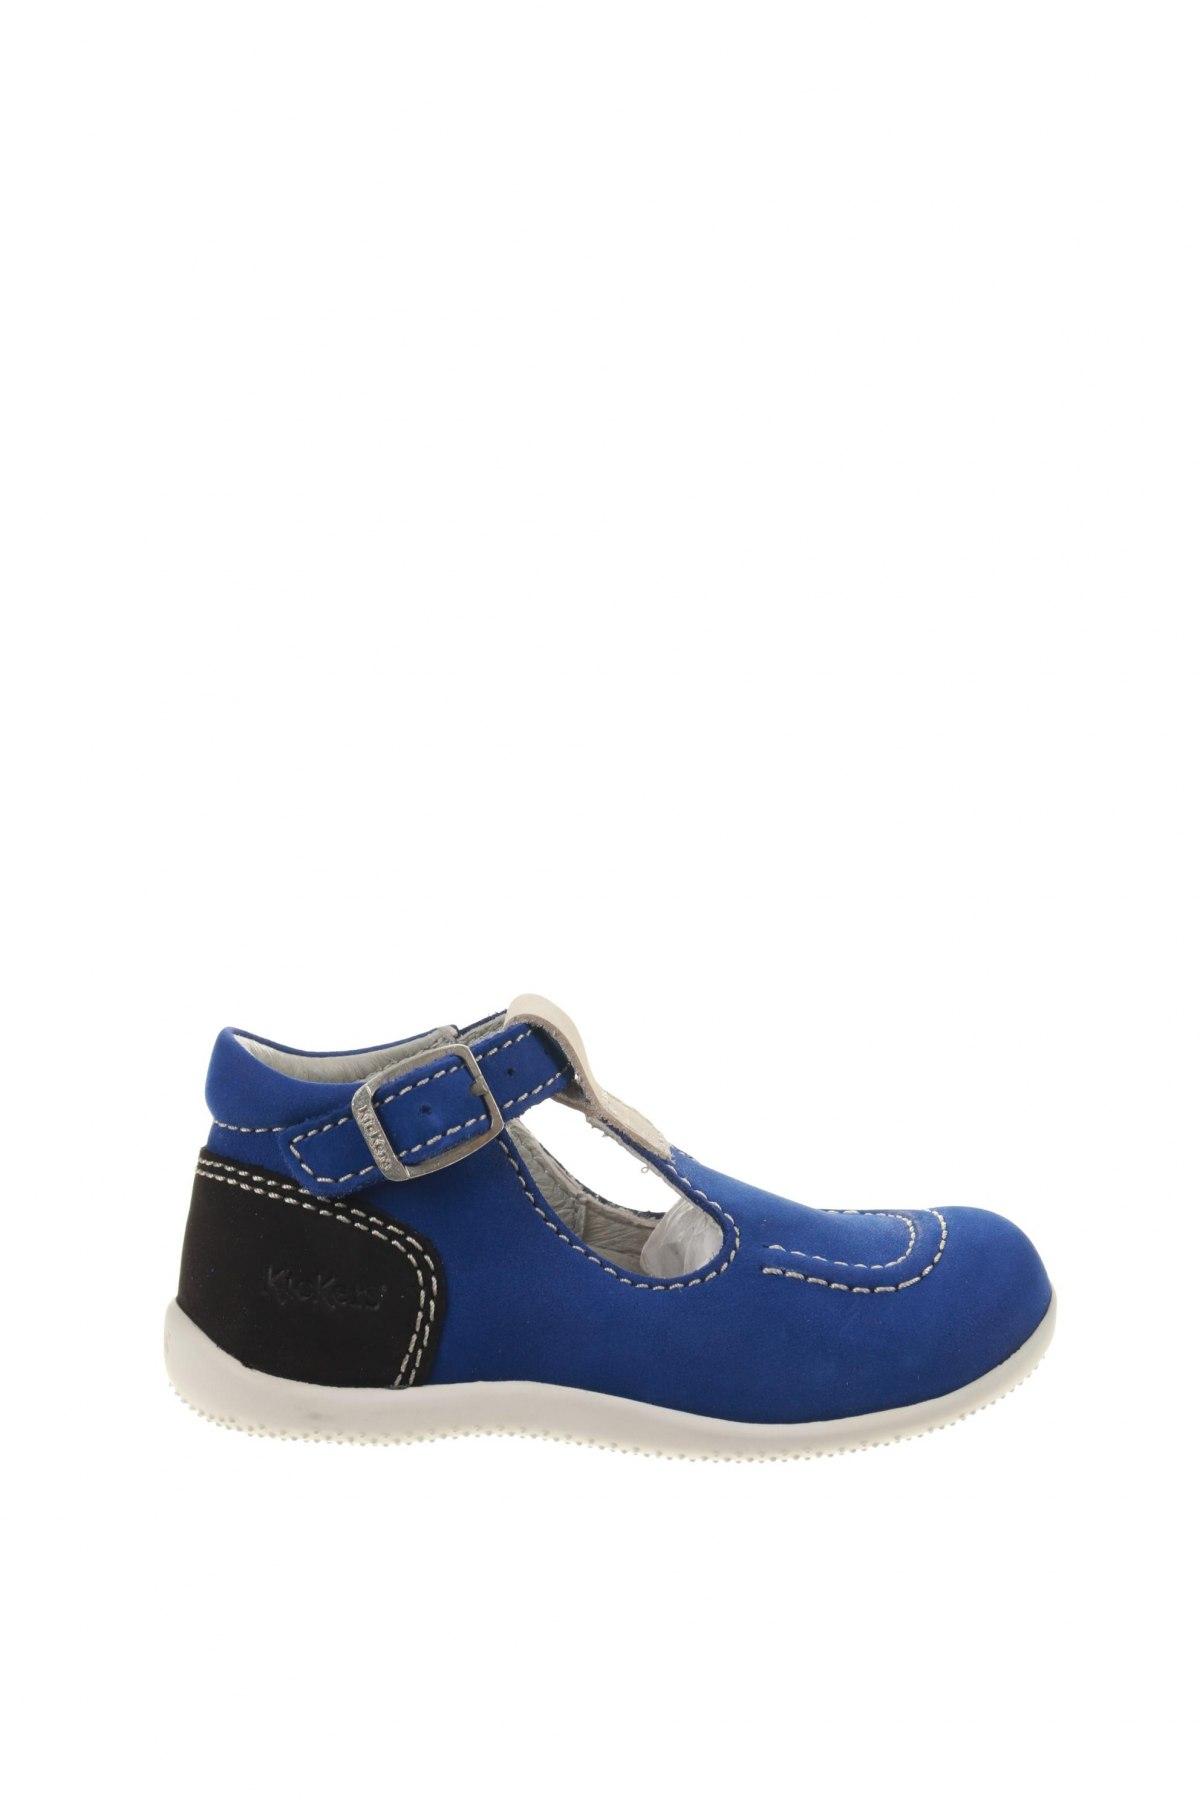 Παιδικά παπούτσια Kickers, Μέγεθος 24, Χρώμα Μπλέ, Γνήσιο δέρμα, Τιμή 16,29€